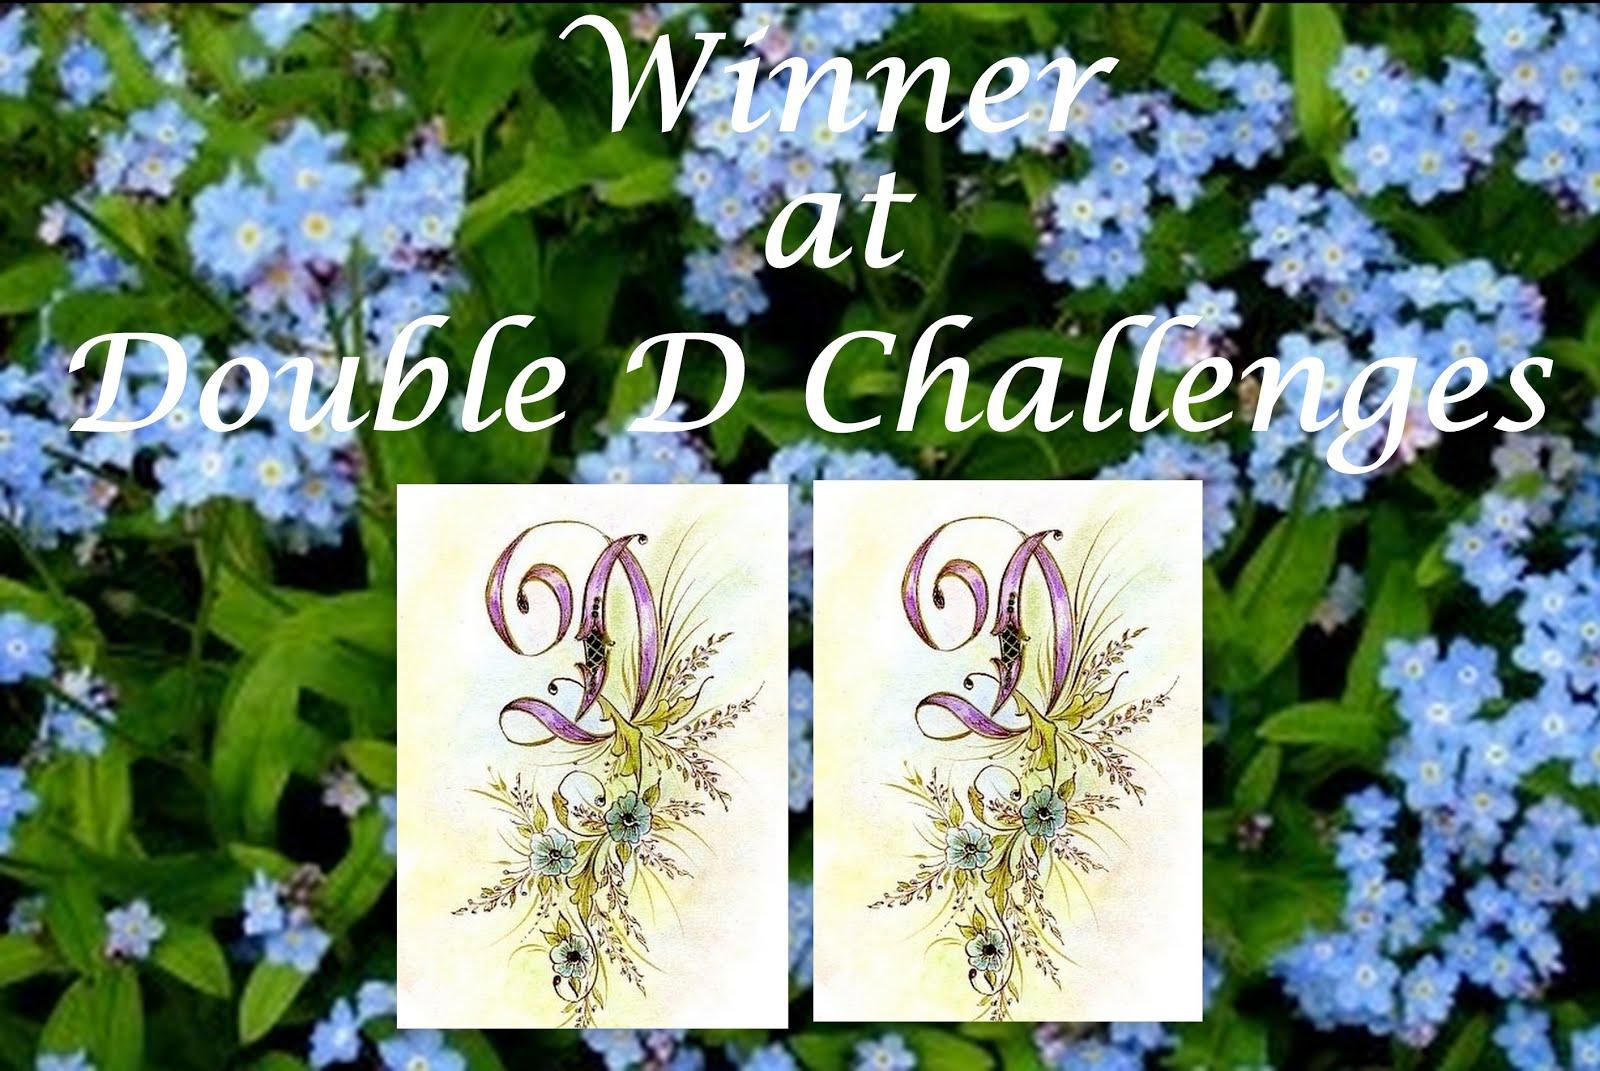 Double D Challenge Winner!